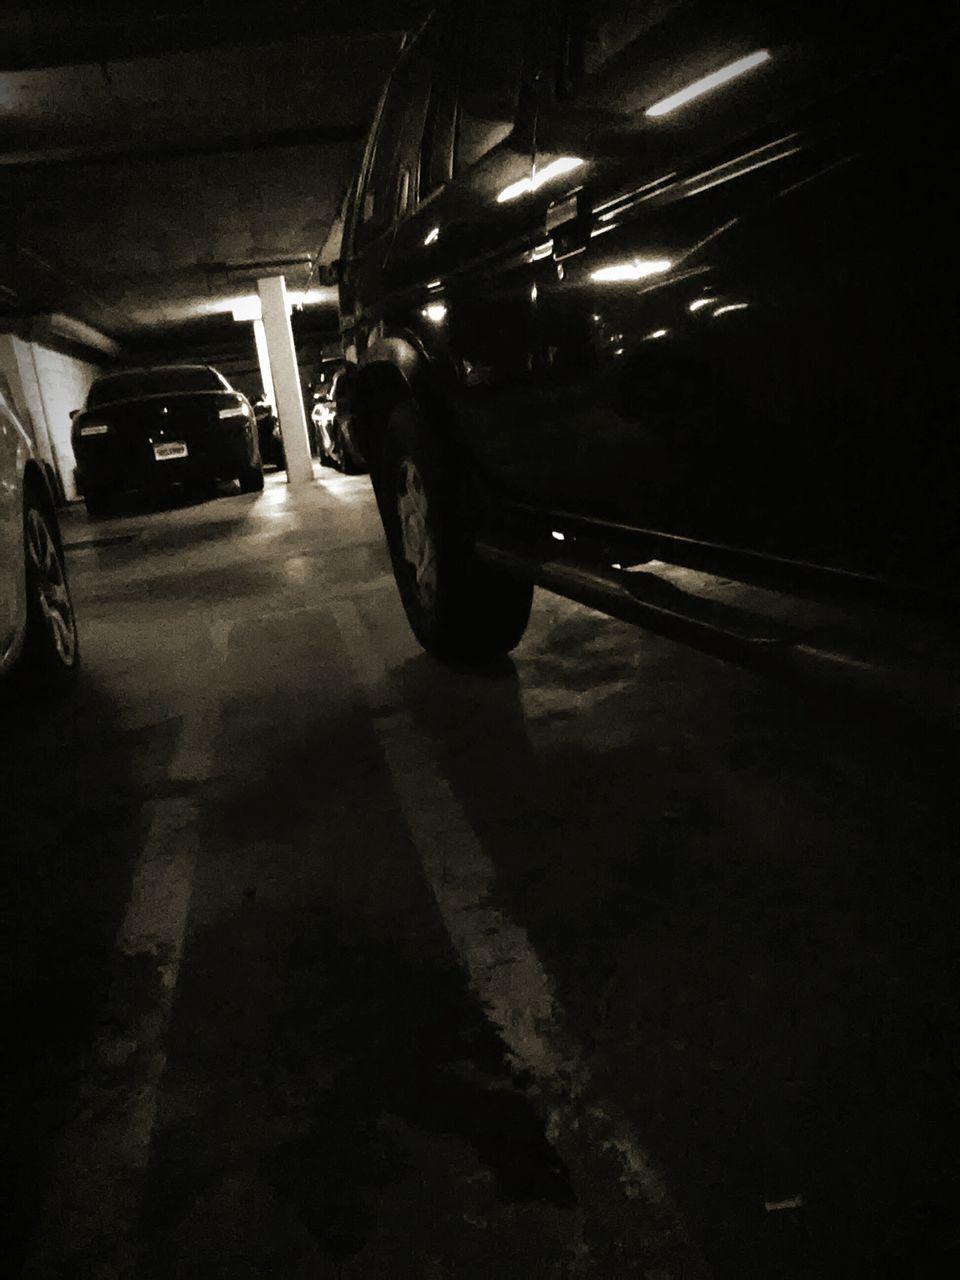 transportation, night, mode of transport, car, land vehicle, illuminated, public transportation, stationary, no people, indoors